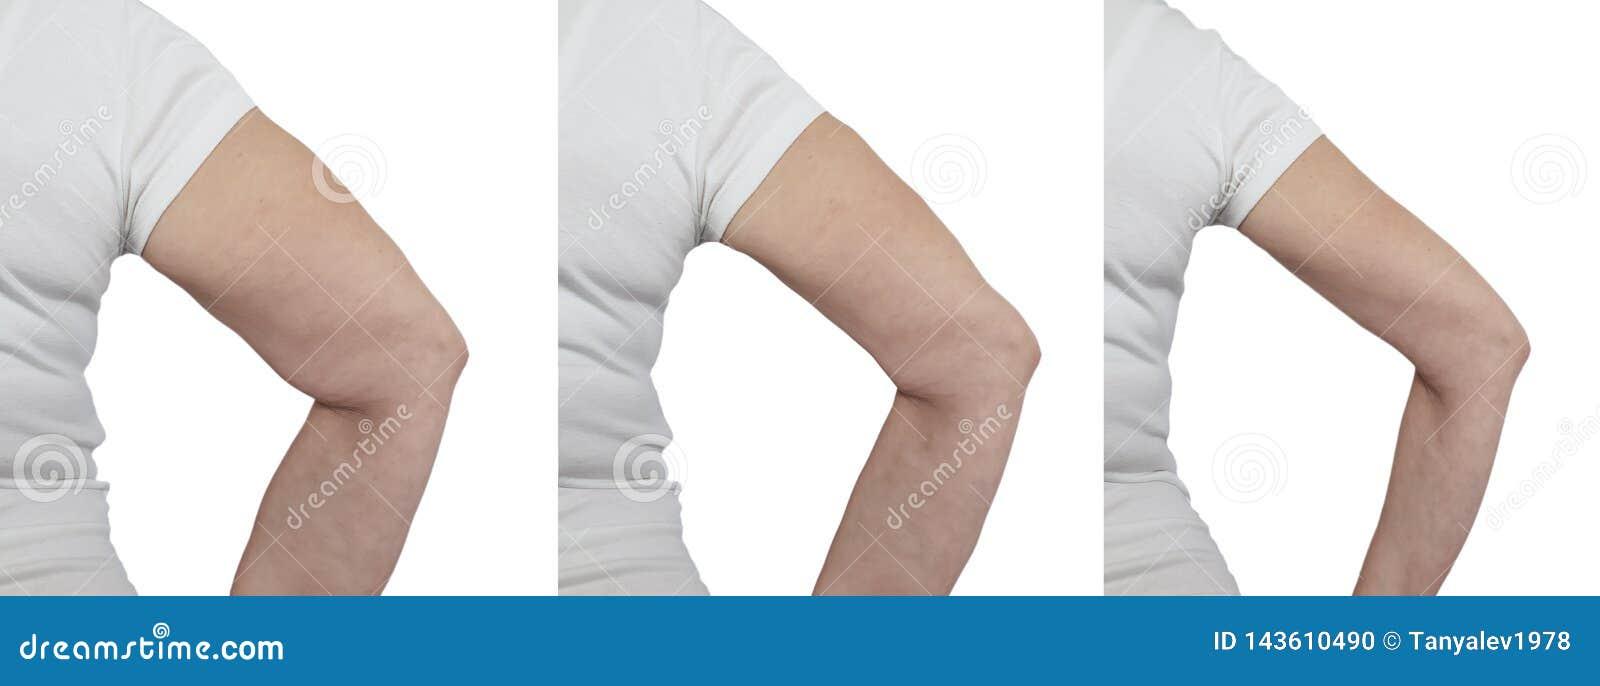 poids de perte de poids du bras comment nettoyer le côlon pour perdre du poids